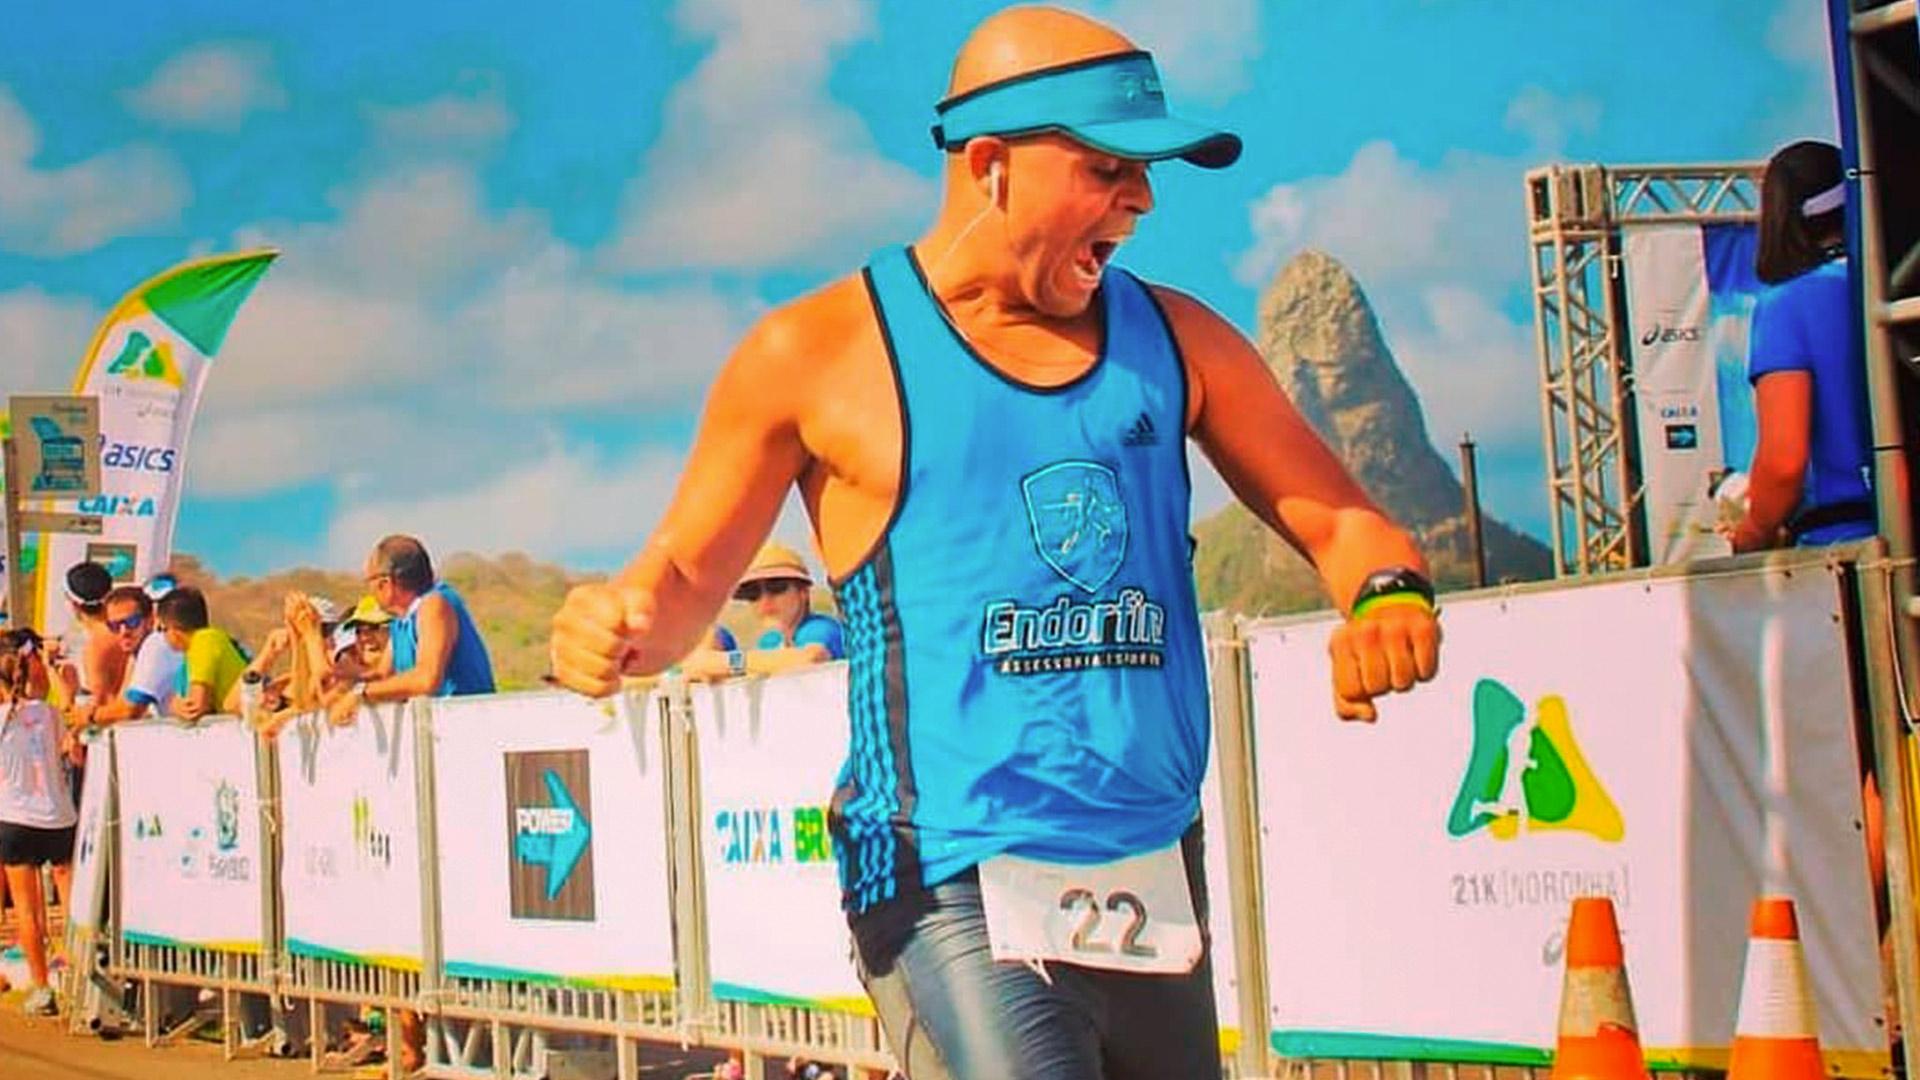 Meia maratona de Noronha